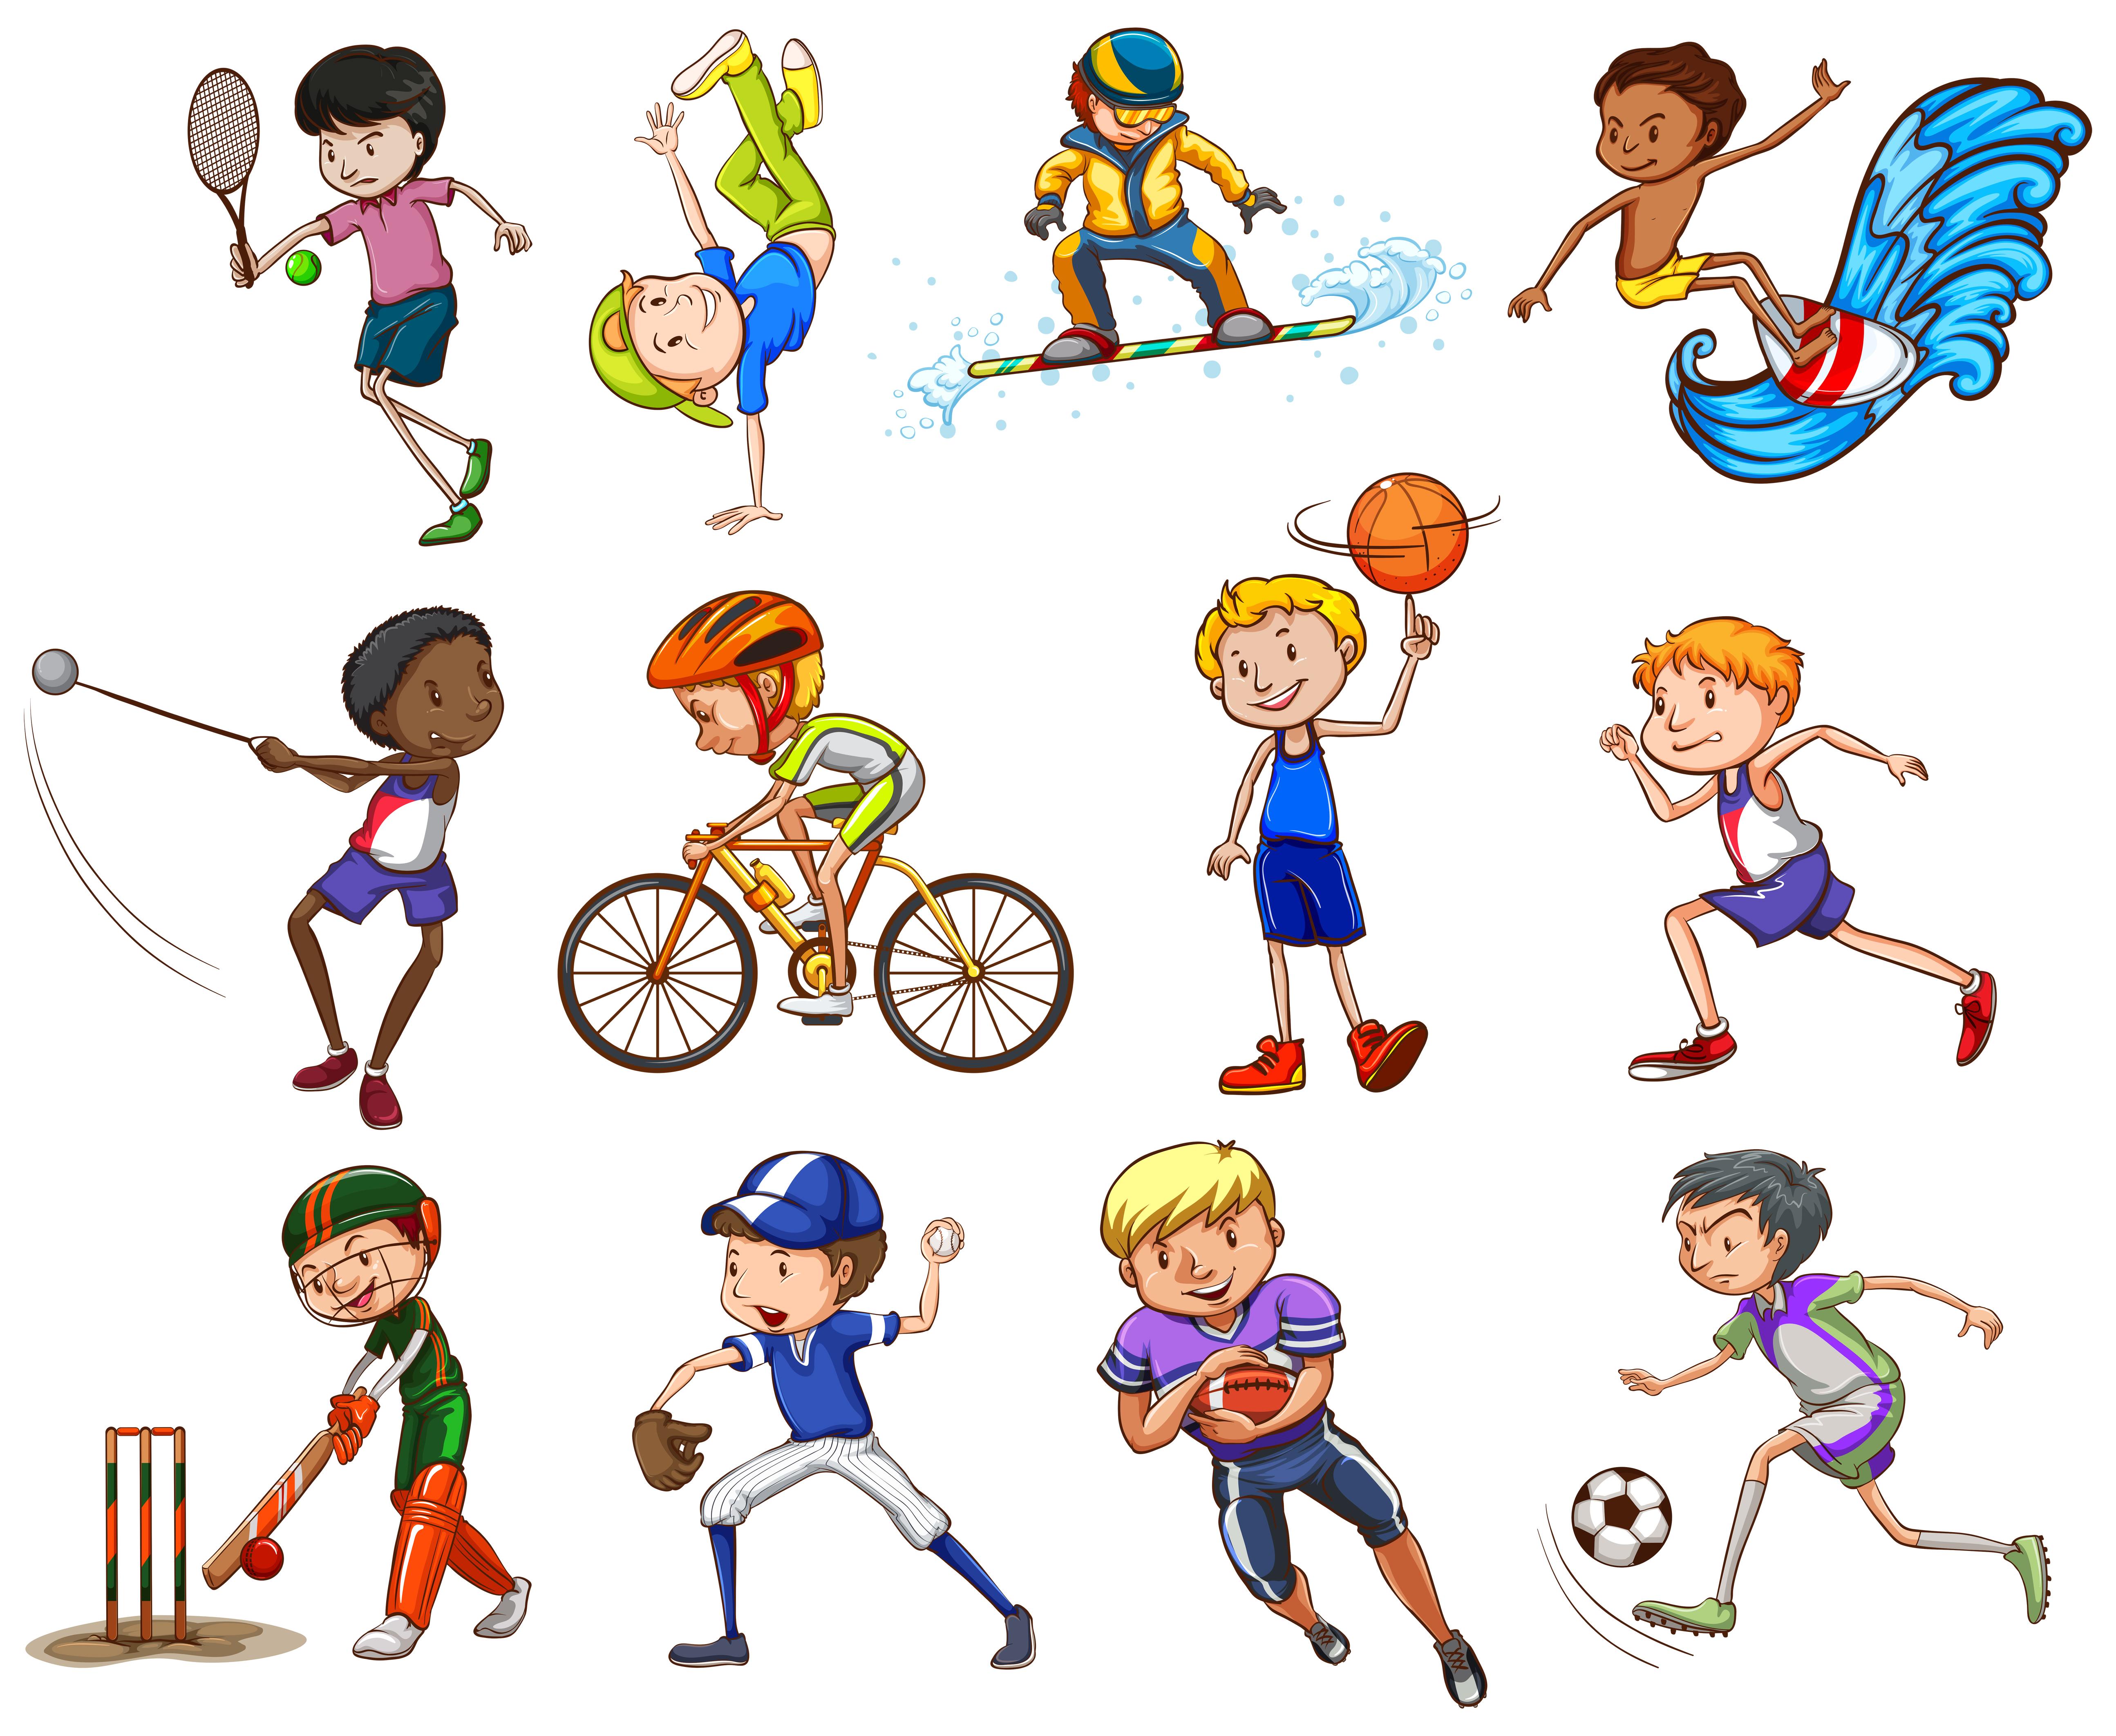 Топ-10 видов спорта и спортивных развлечений для детей от 0 до 5 лет